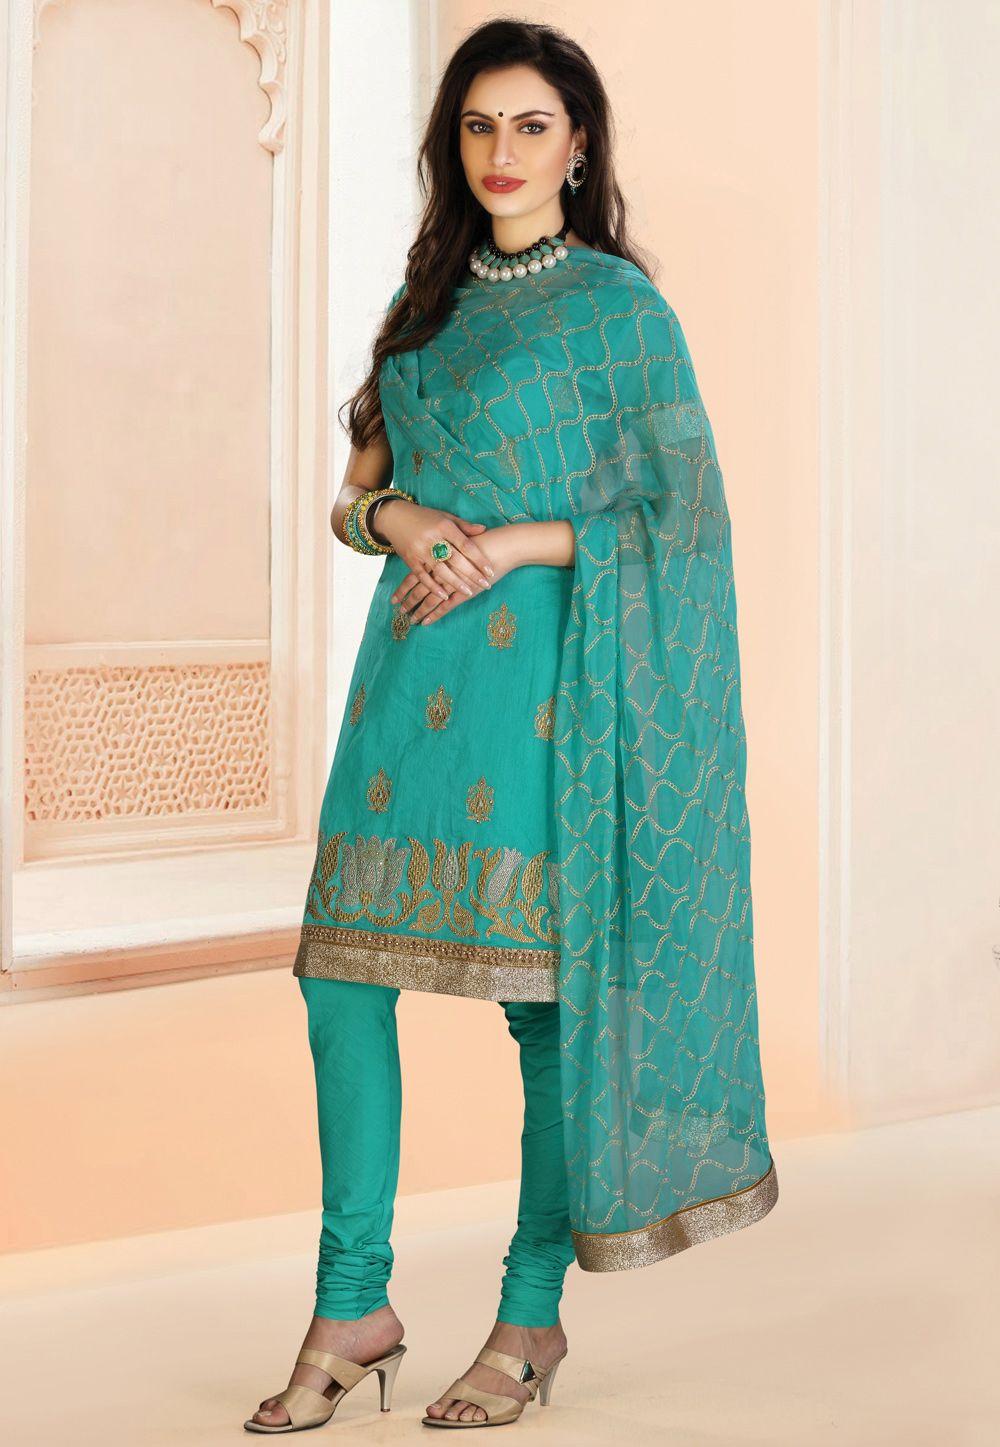 Teal salwar kameez | Indian Wedding | Pinterest | Teal, Desi and ...